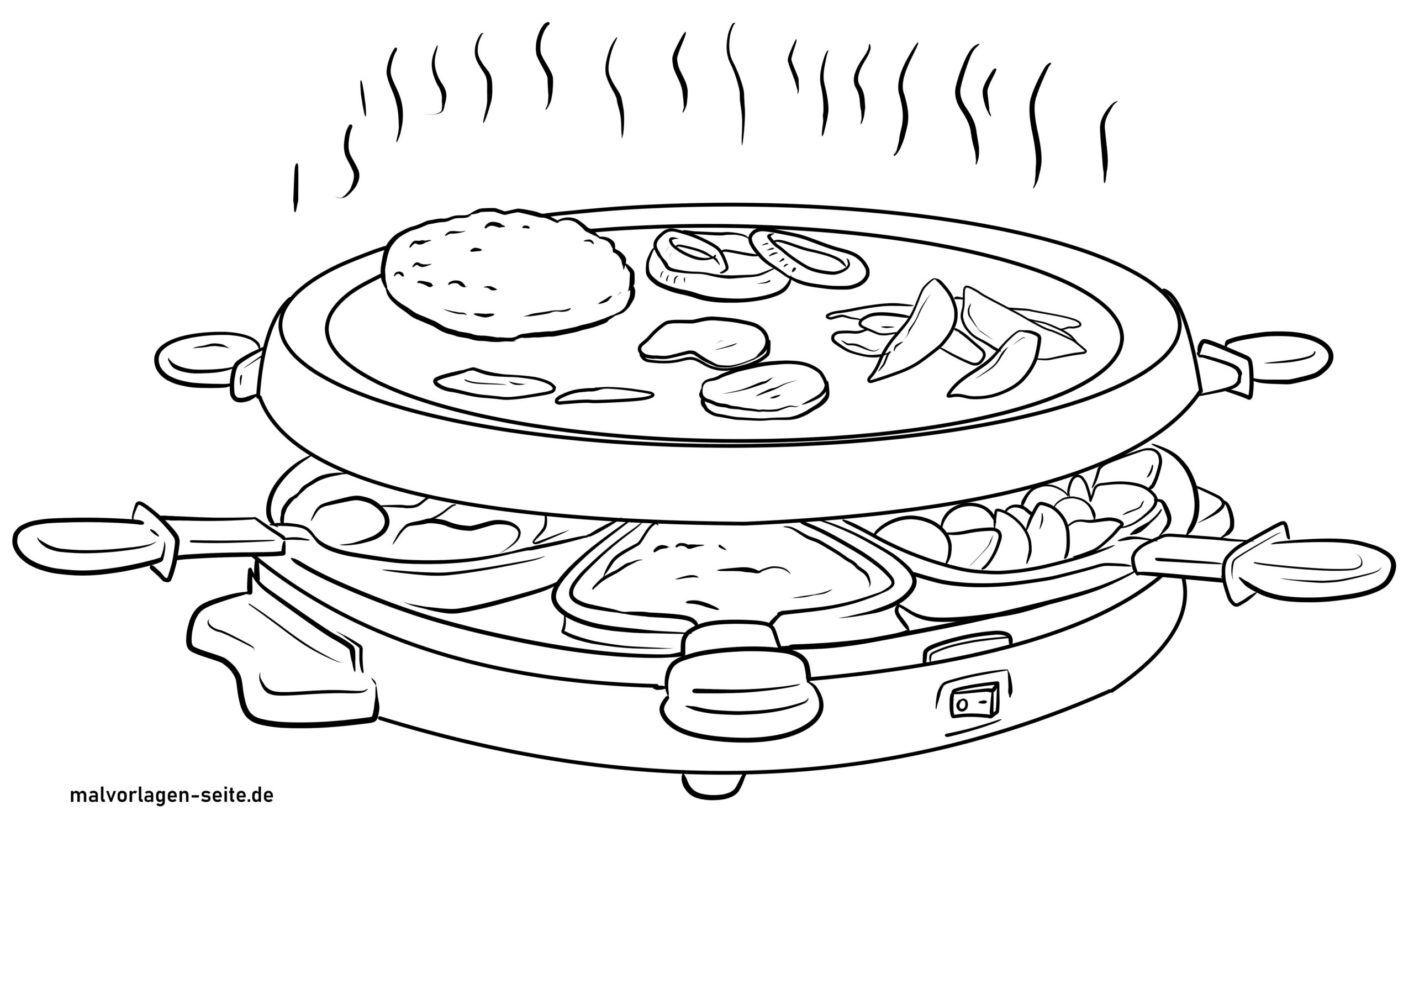 Tolle Malvorlage Raclette - Haushalt Essen - Kostenlose Ausmalbilder